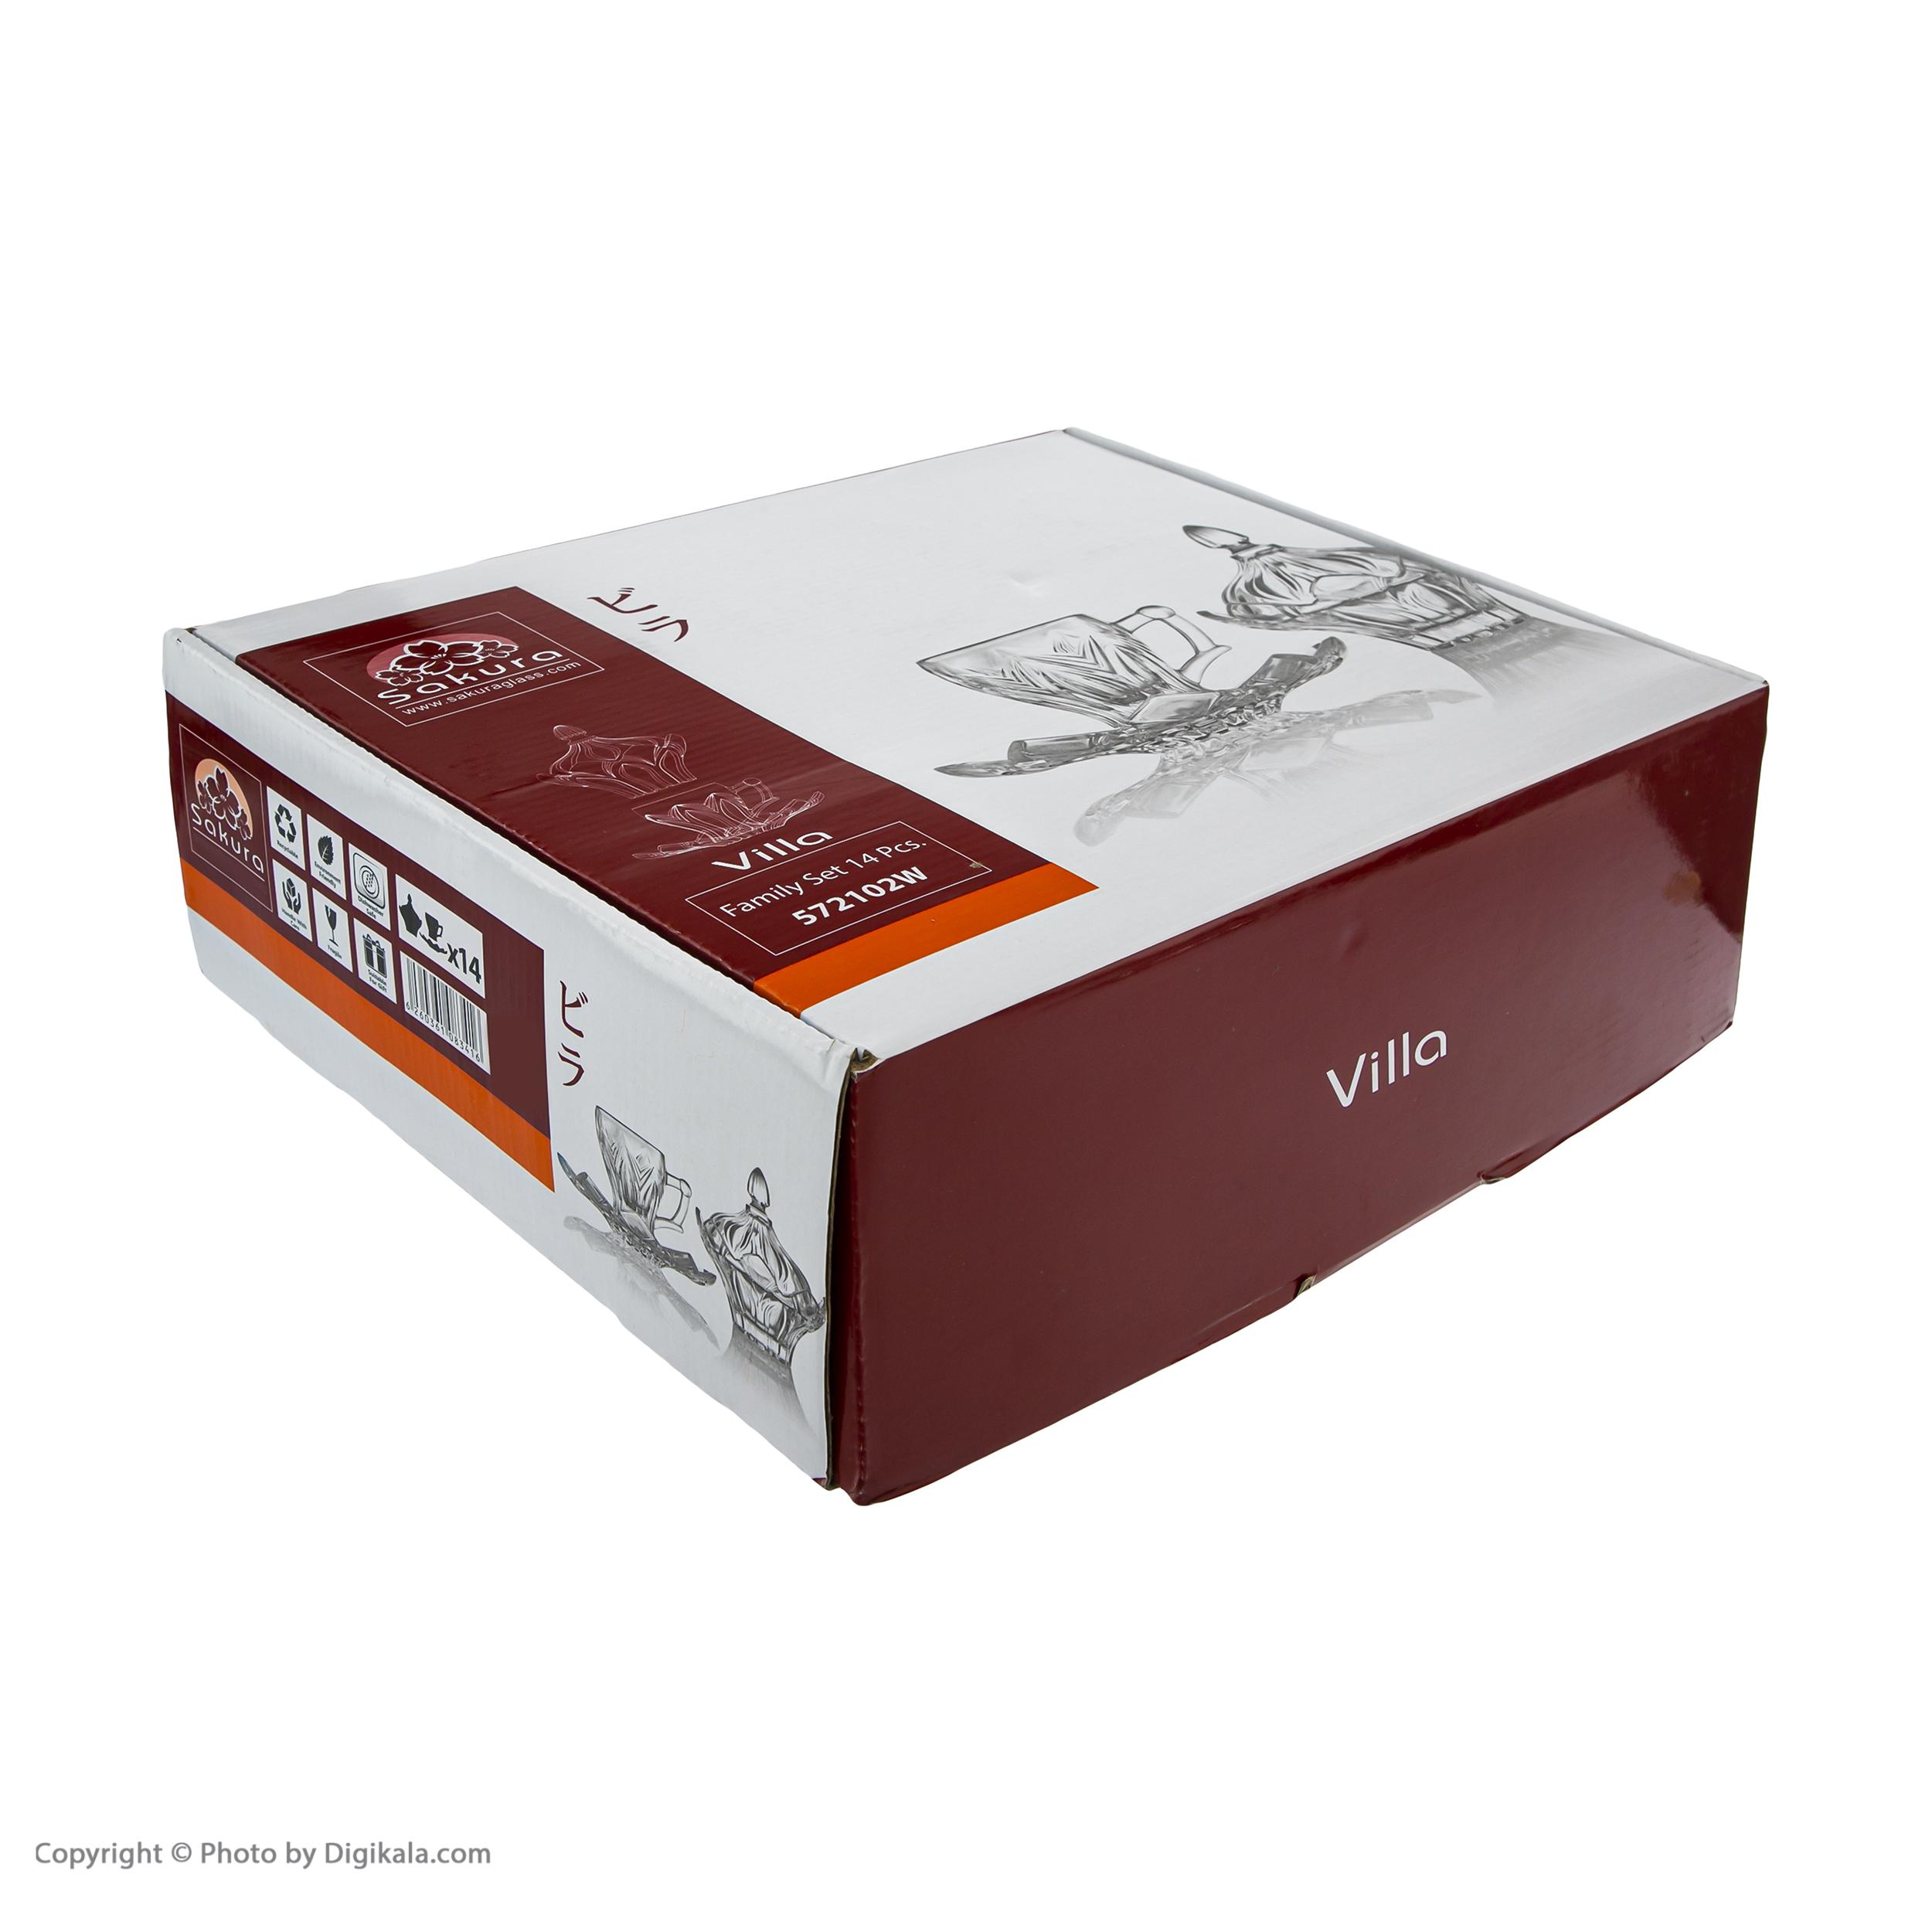 سرویس چای خوری 14 پارچه ساکورا مدل ویلا کد 572102W main 1 4